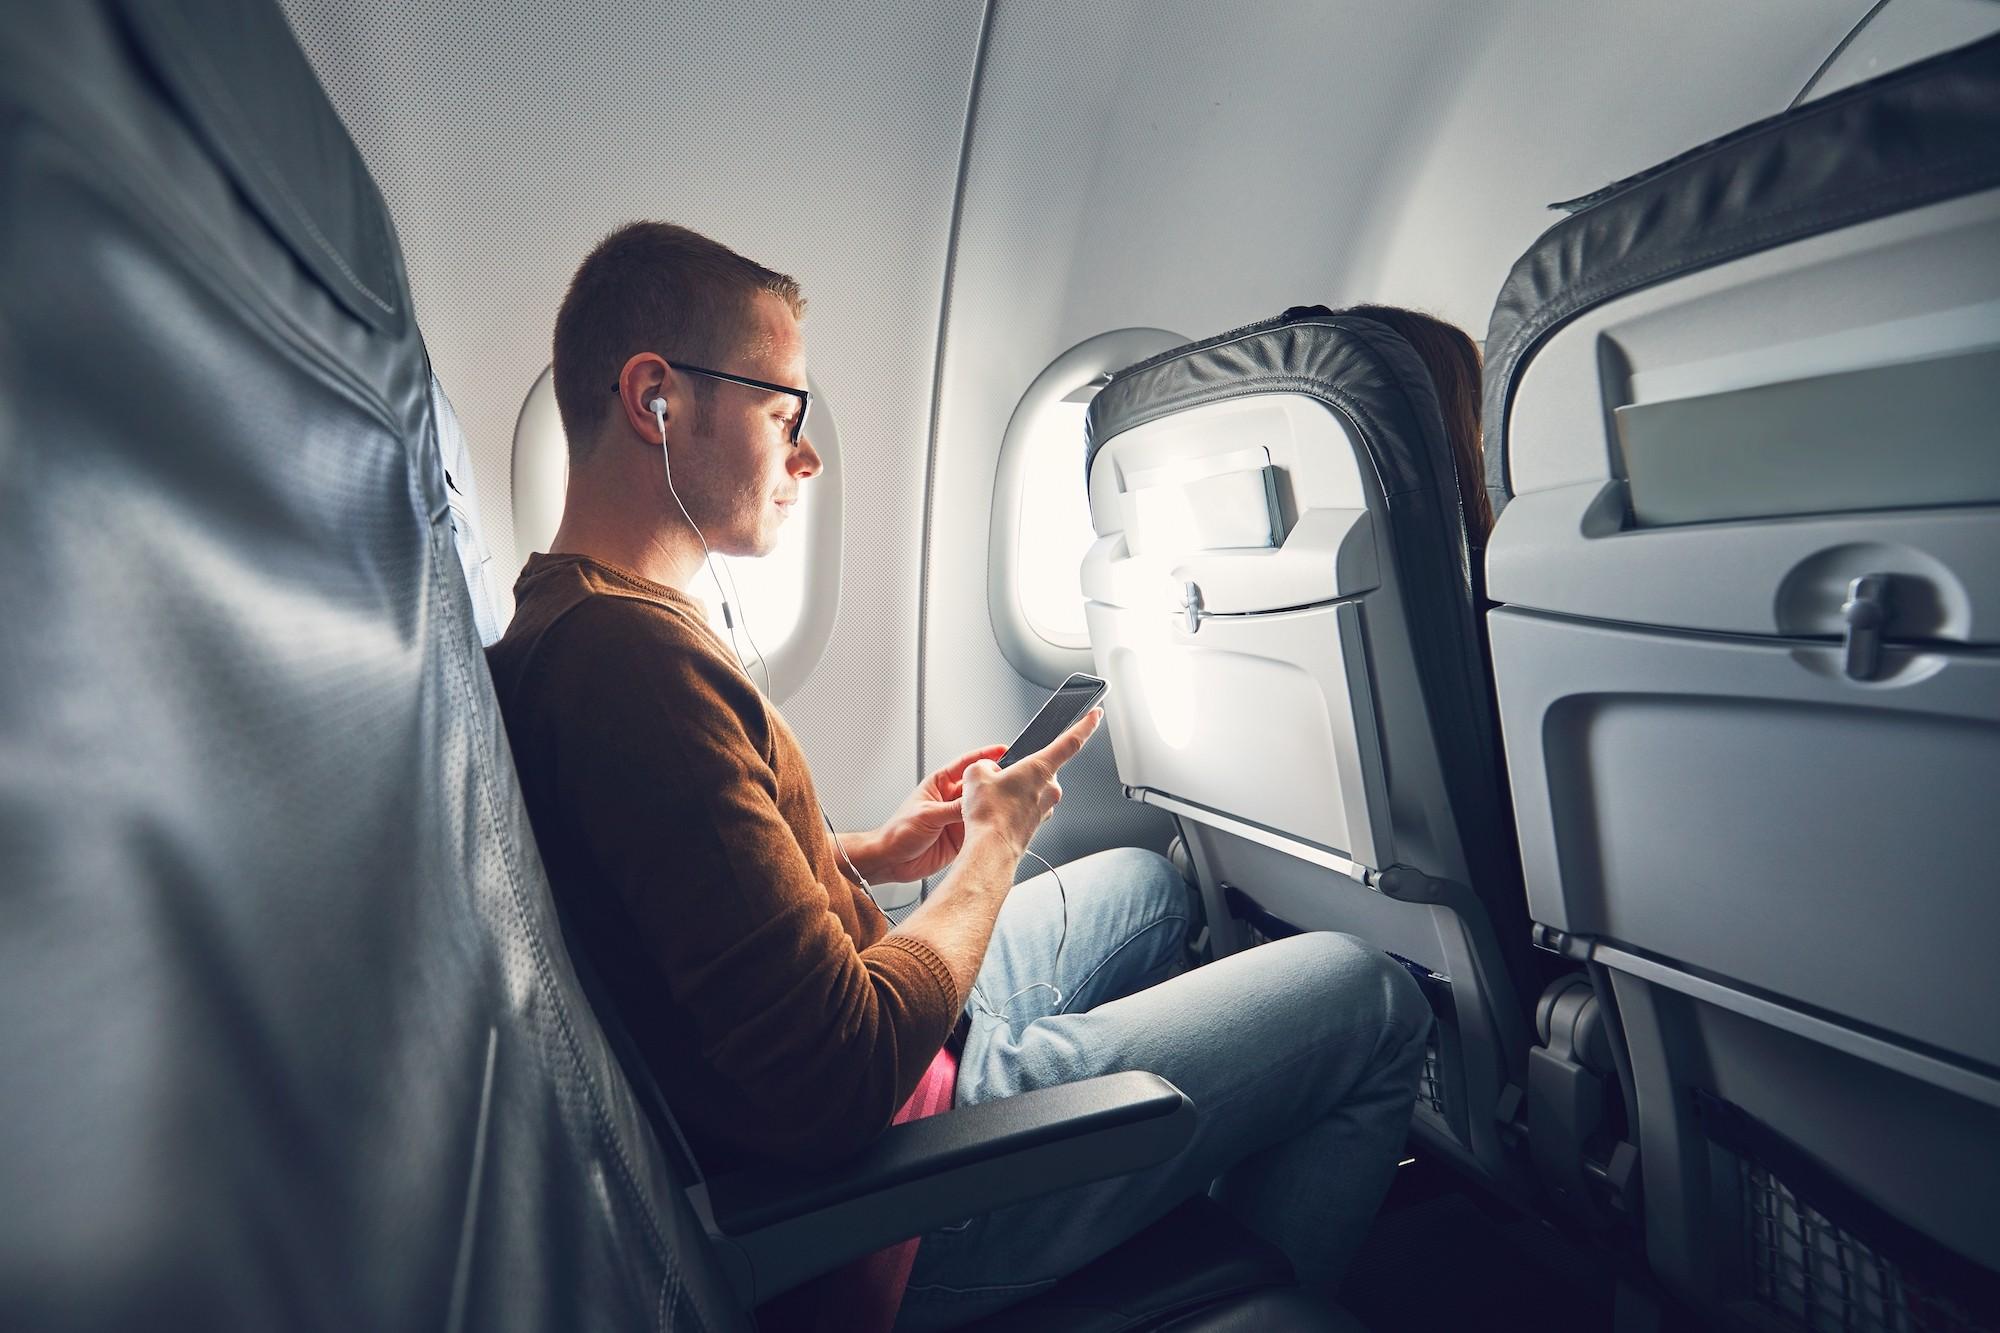 Apakah boleh memakai Handphone di pesawat?